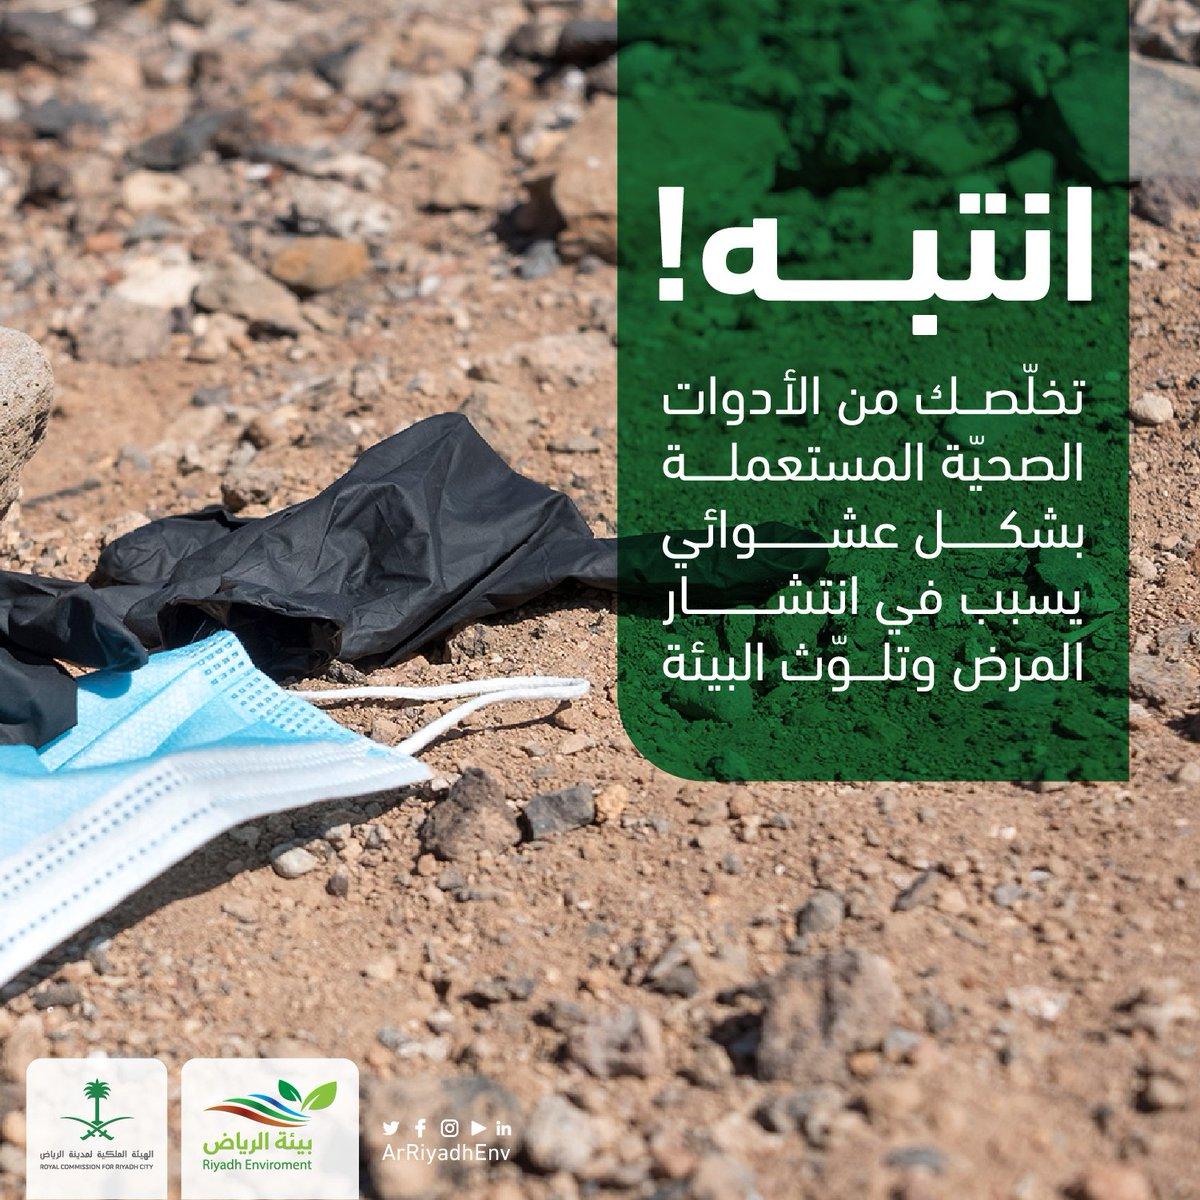 تخلّص من النفايات بطريقة صحيّة سليمة، ولا تكن سببًا في نشر العدوى وتلويث البيئة #بيئة_الرياض https://t.co/9tQHZ7ectP